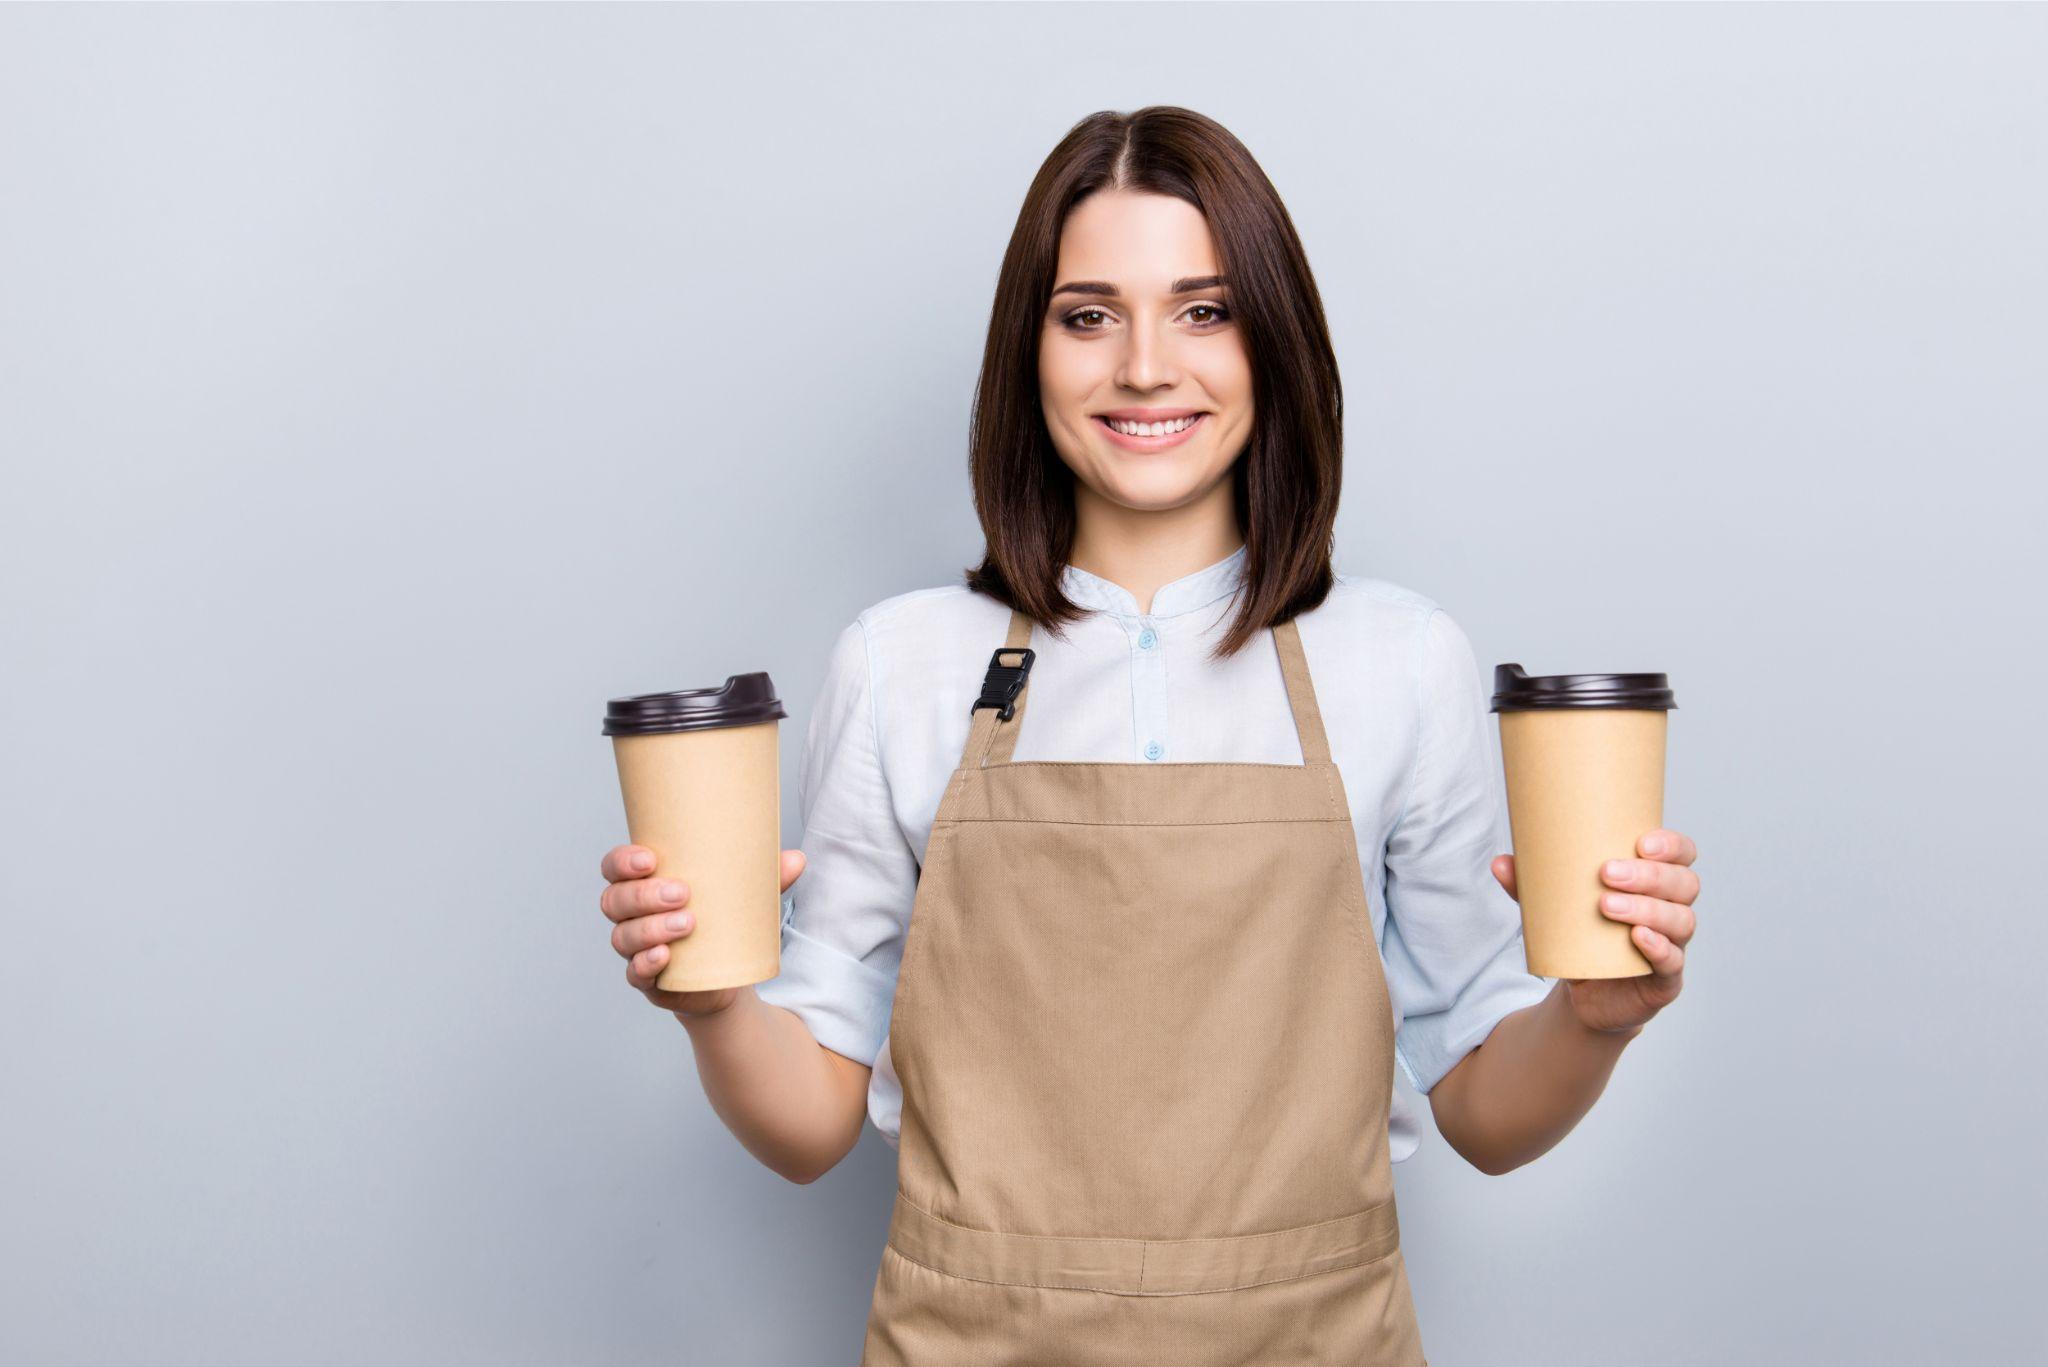 カフェバイトは社員割引はある?